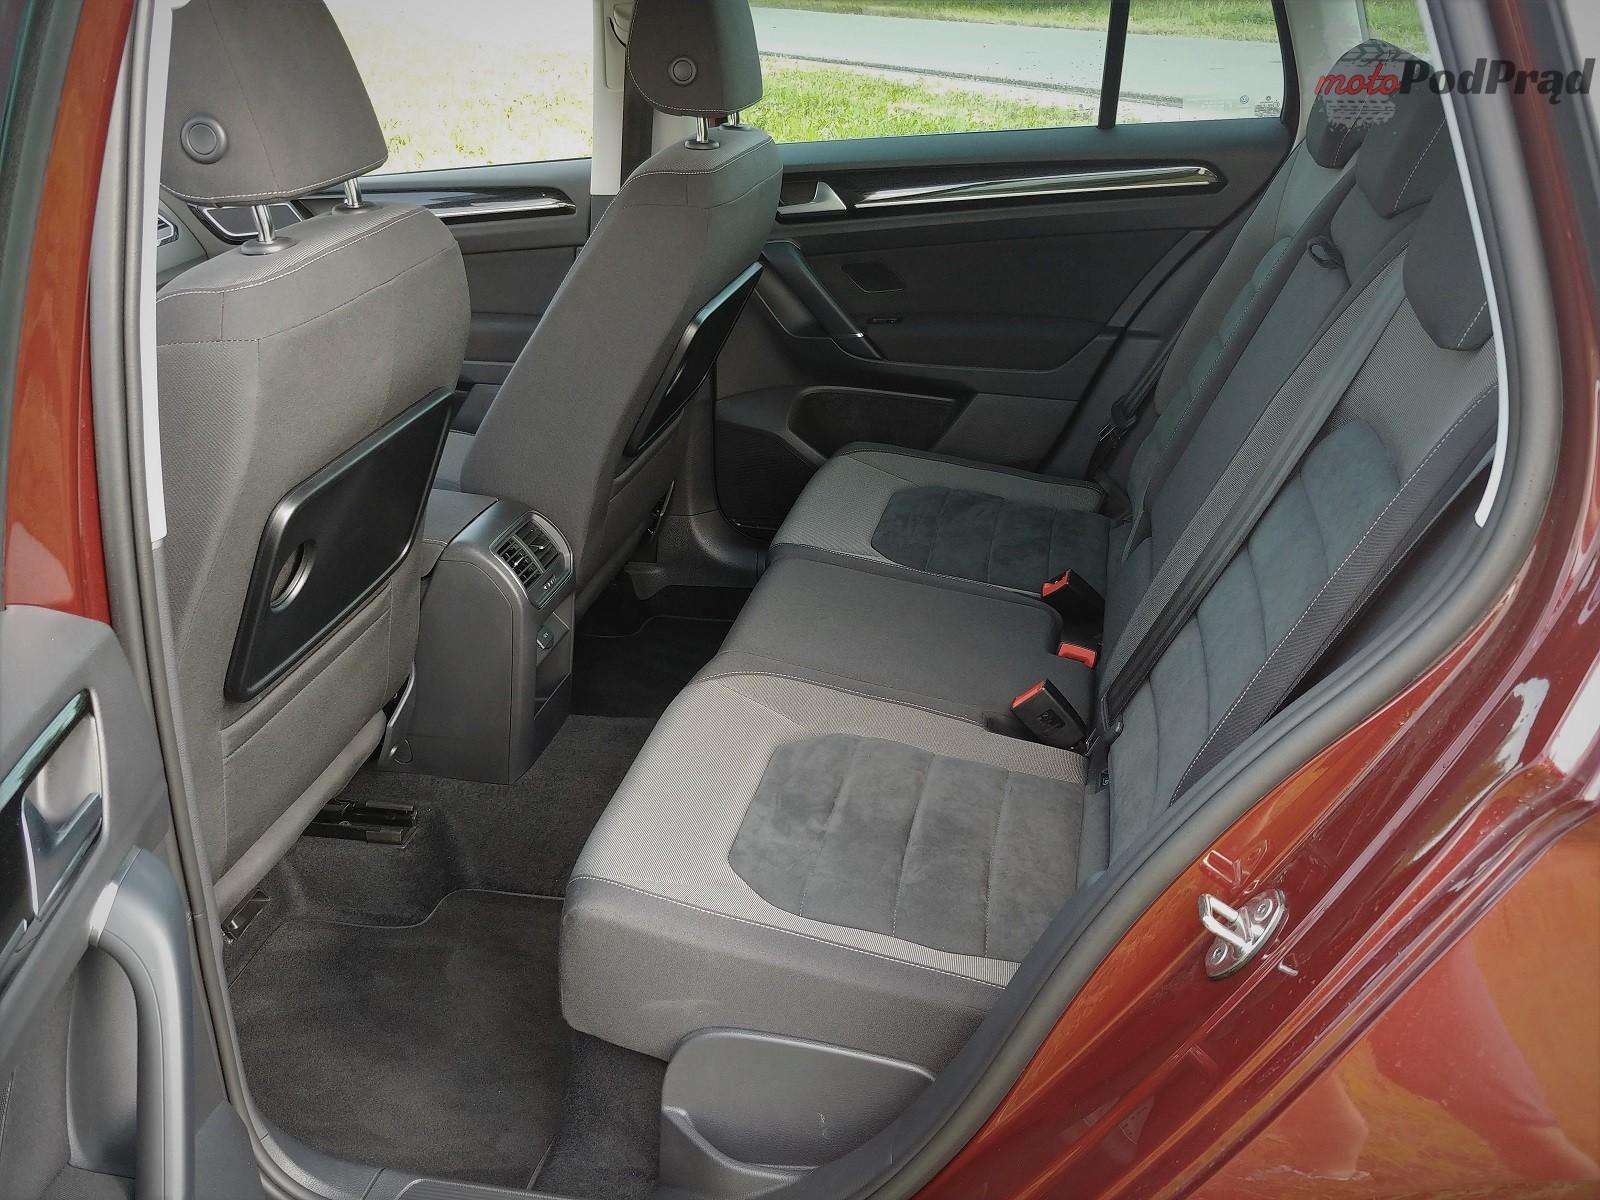 Volkswagen Golf Sportsvan 16 Test: Volkswagen Golf Sportsvan 1.5 TSI   garbaty anioł